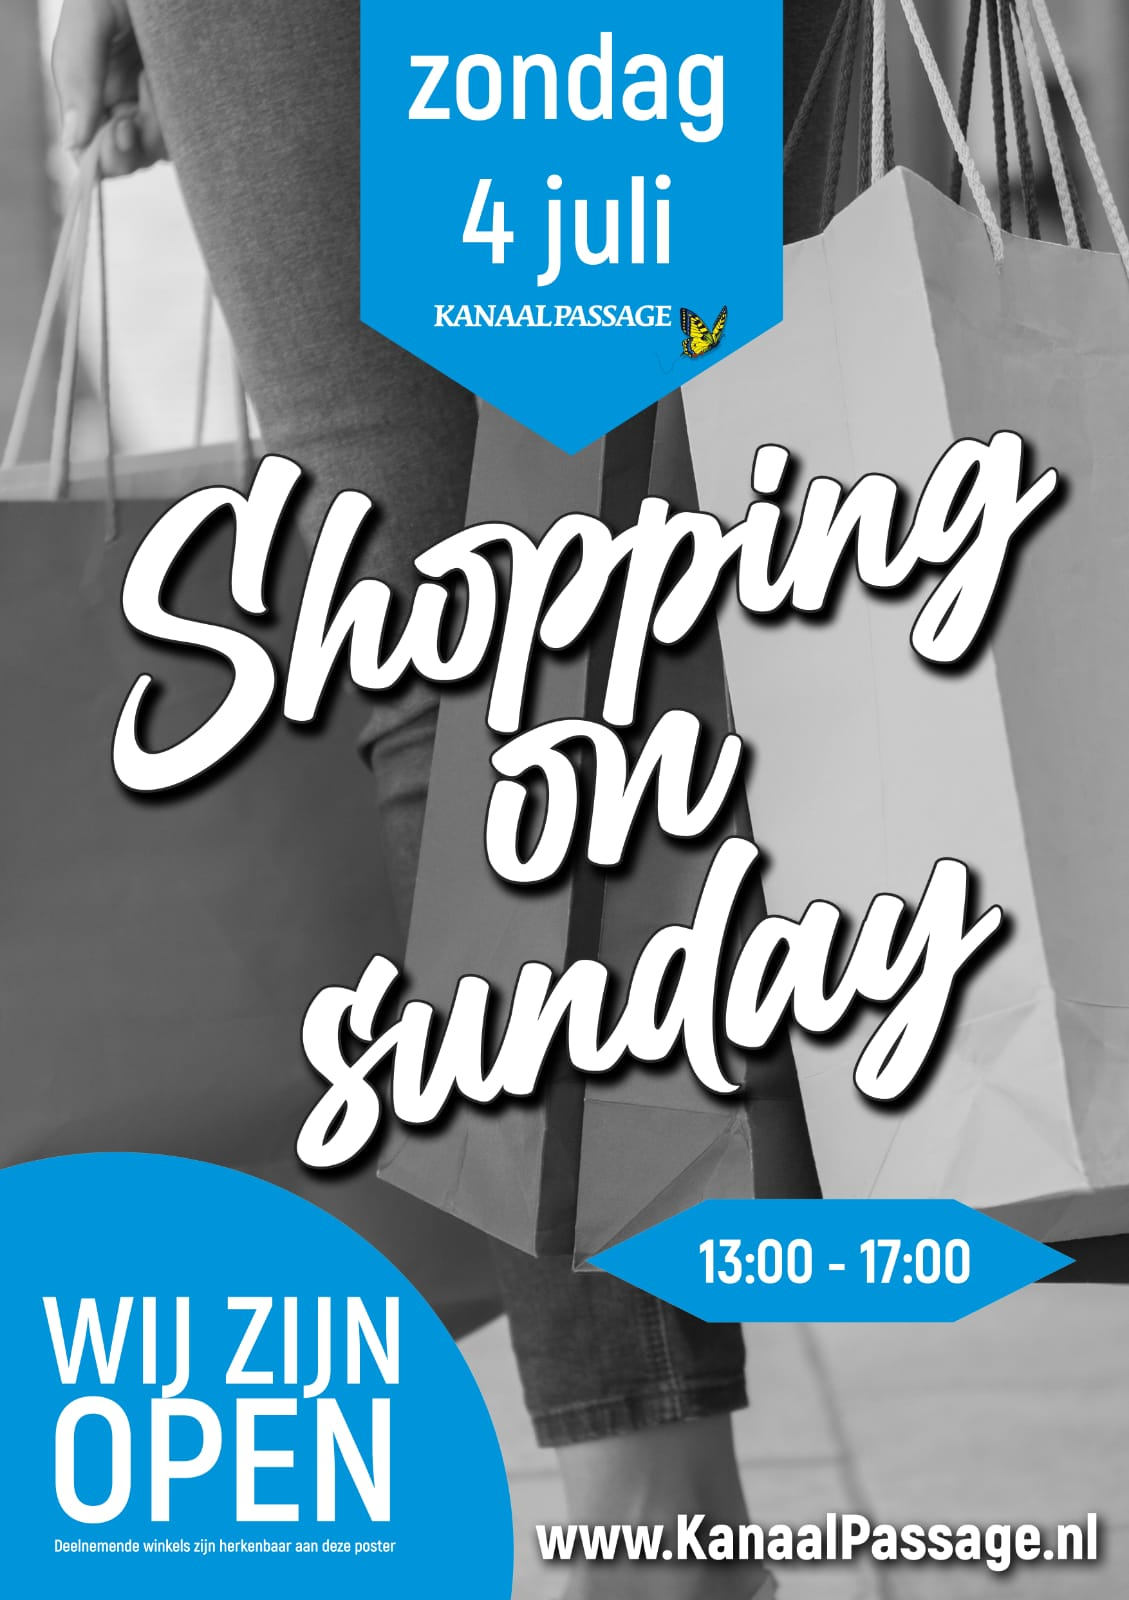 Koopzondag op 4 juli 2021 in Stadskanaal Groningen eropuit met het gezin om een dagje te winkelen in het overdekt winkelcentrum Kanaalpassage.